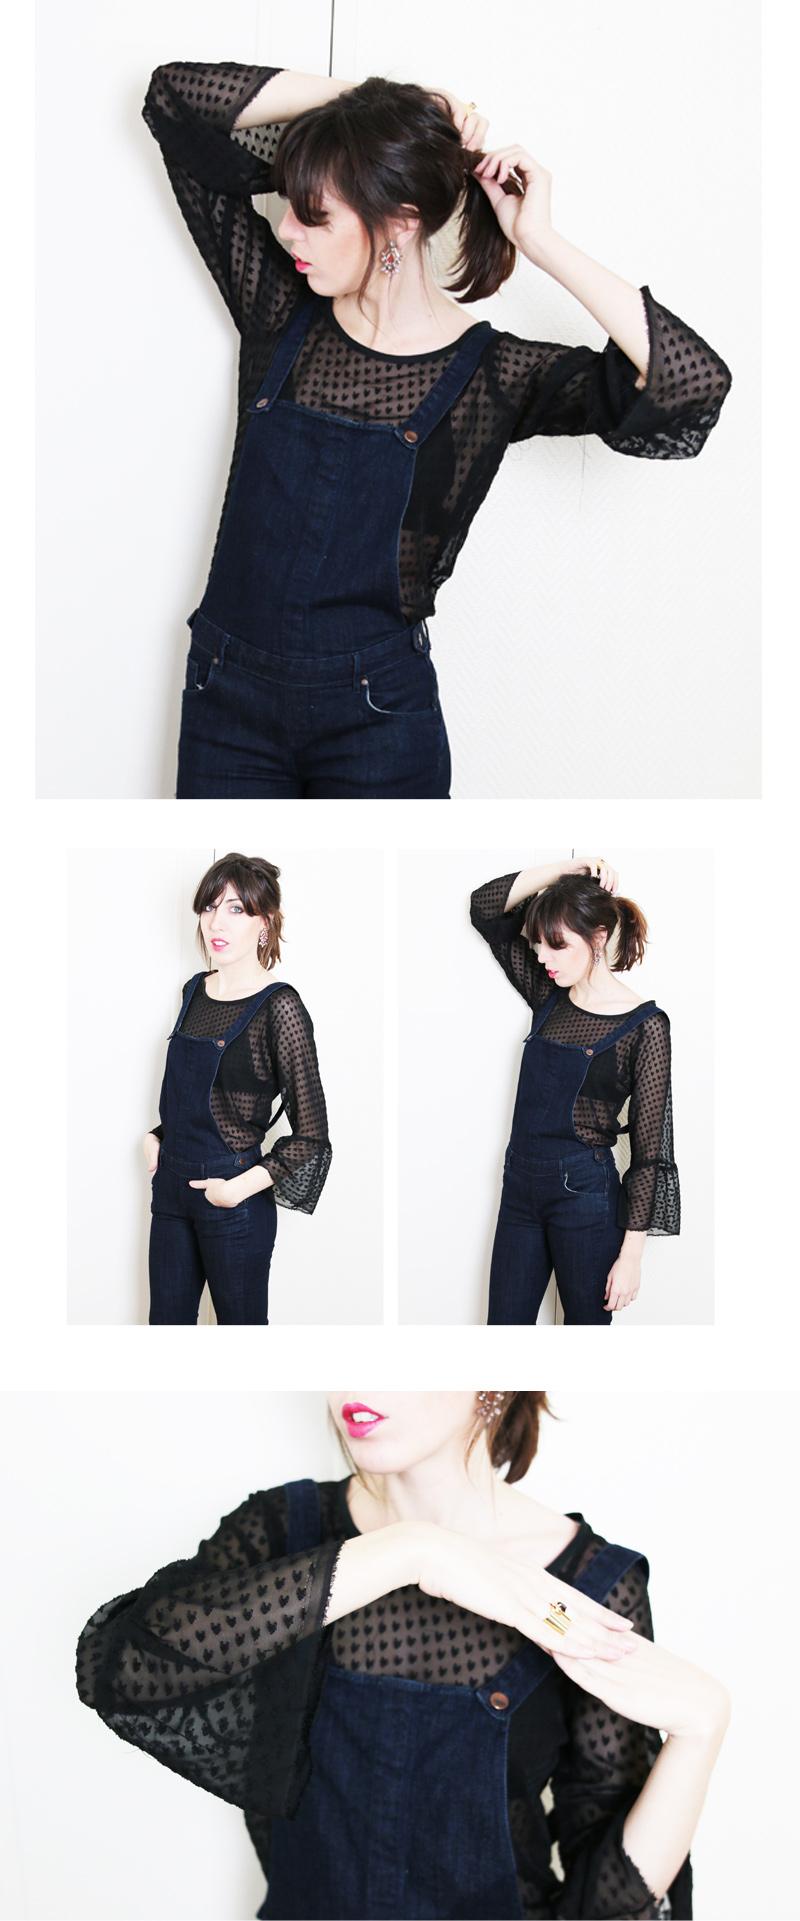 chemise-craftine_02